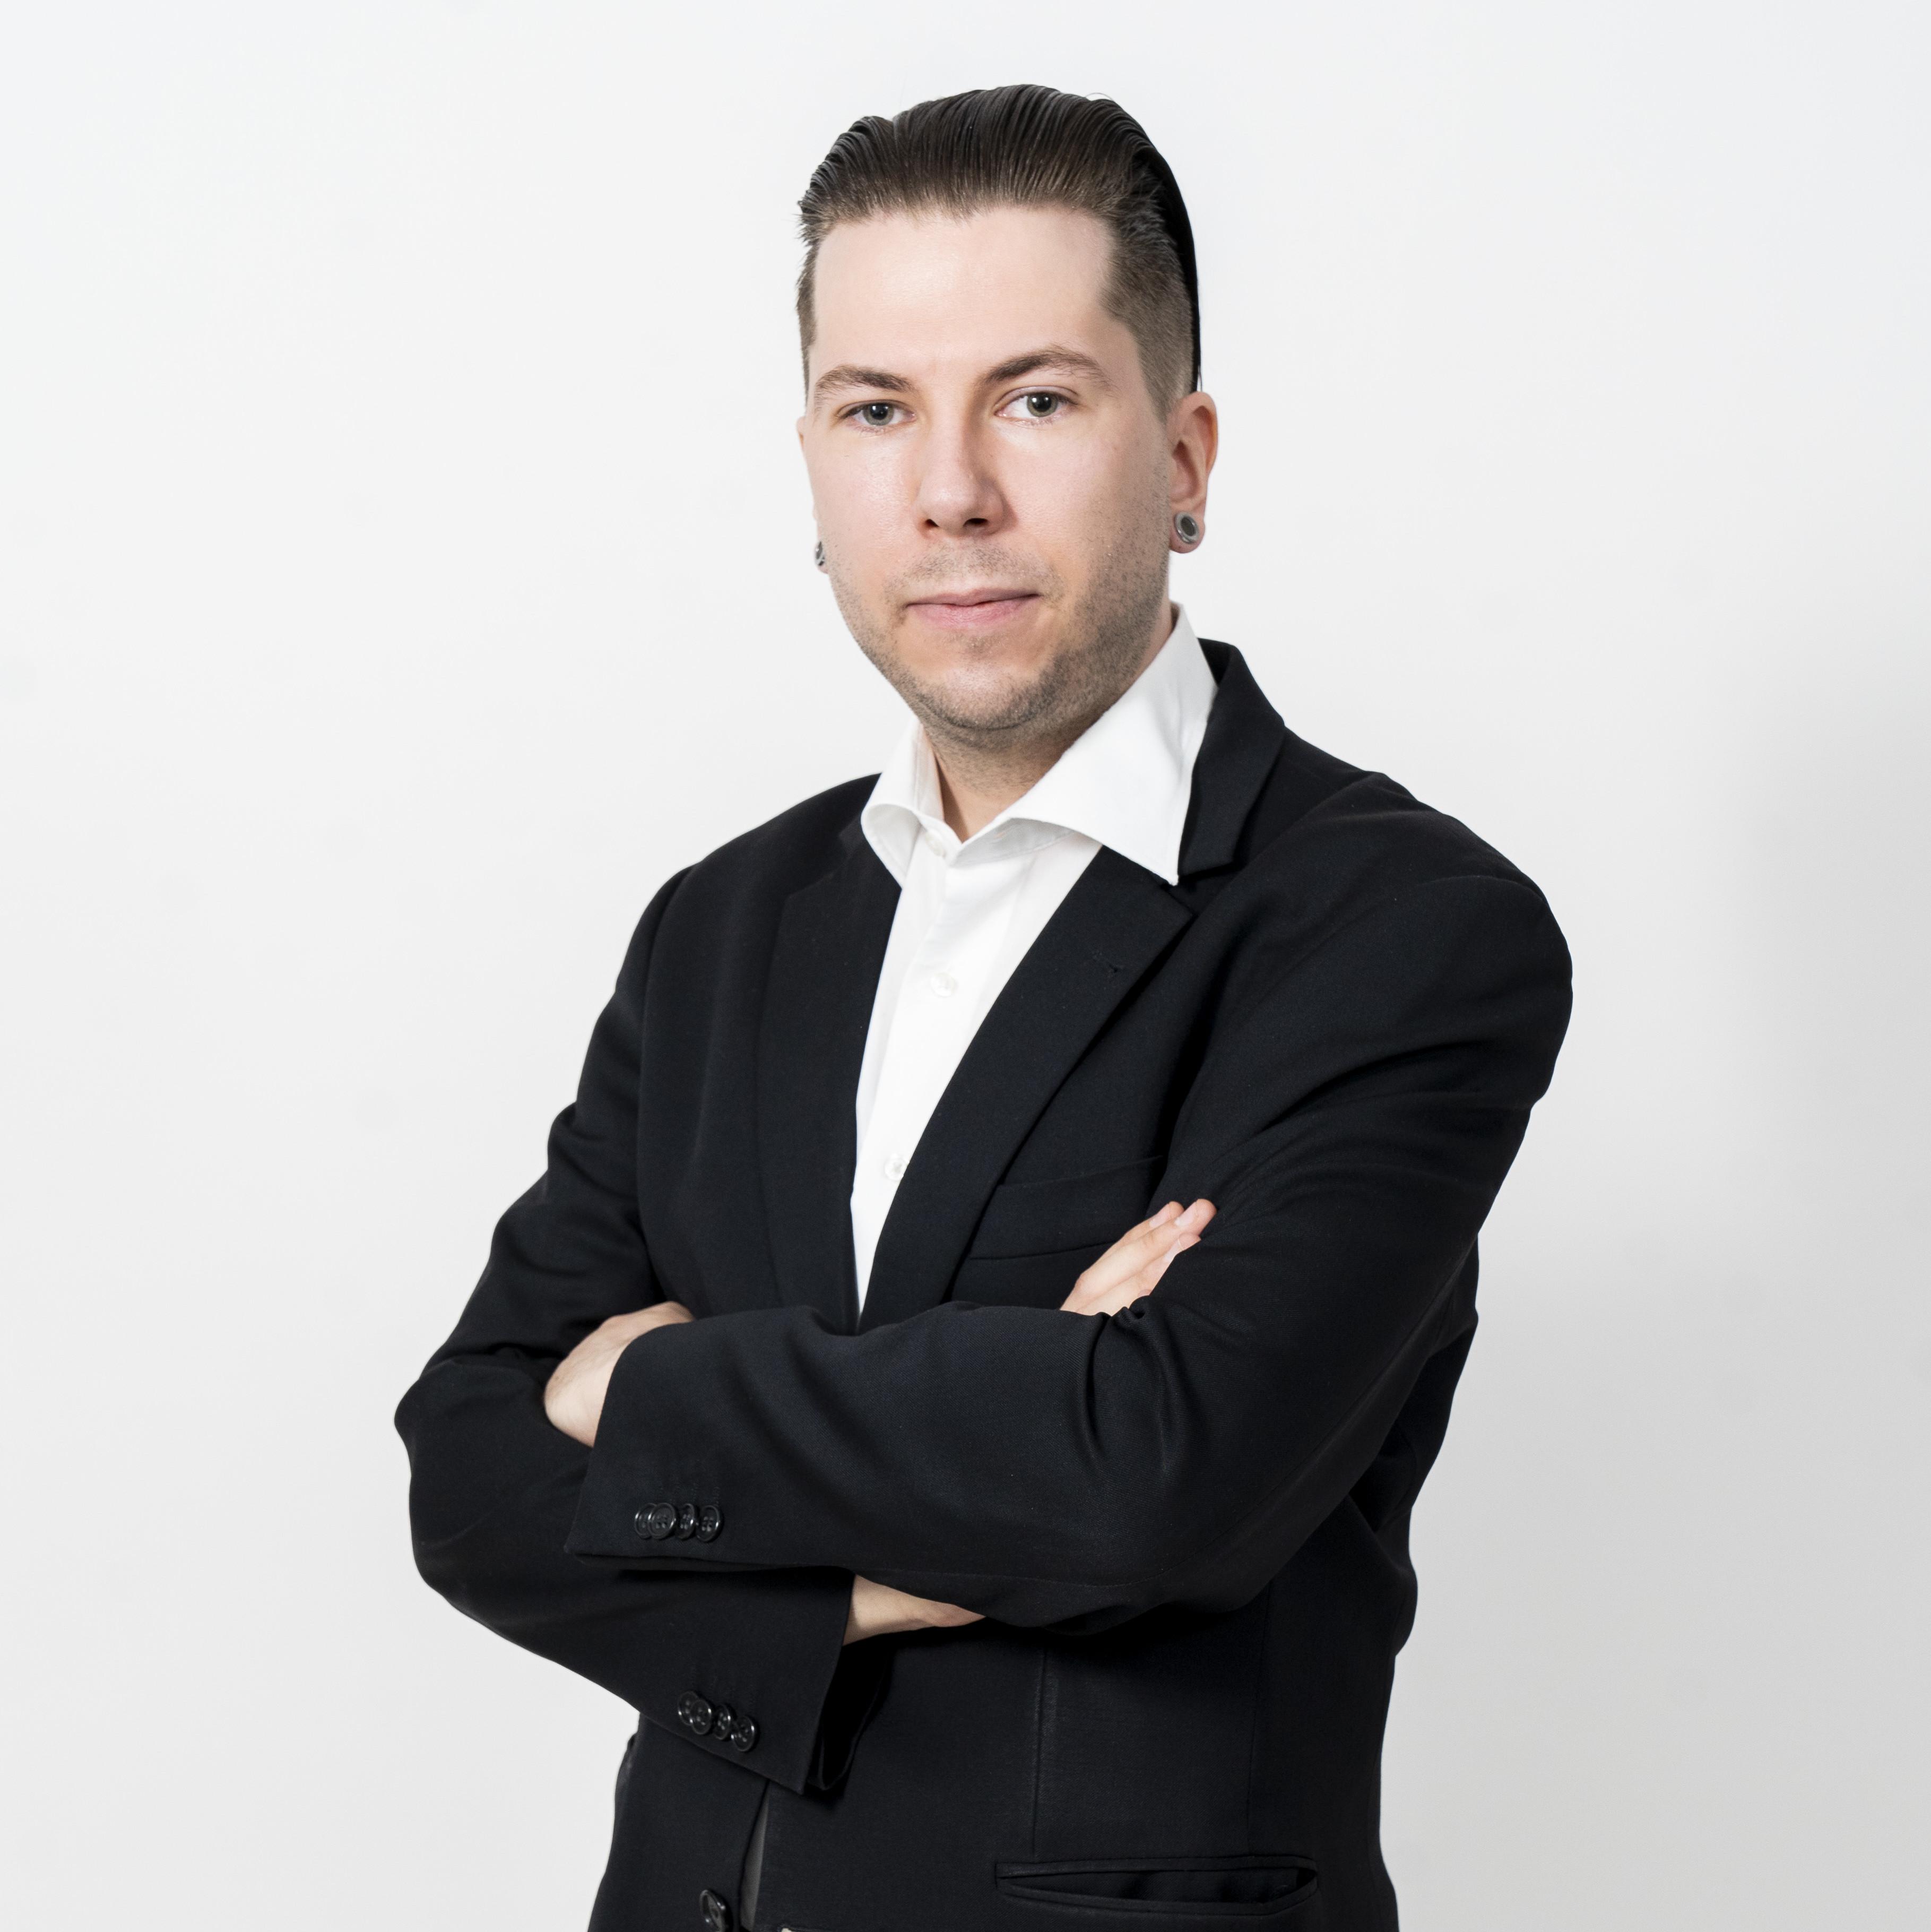 Foto: Lukas Hofstätter